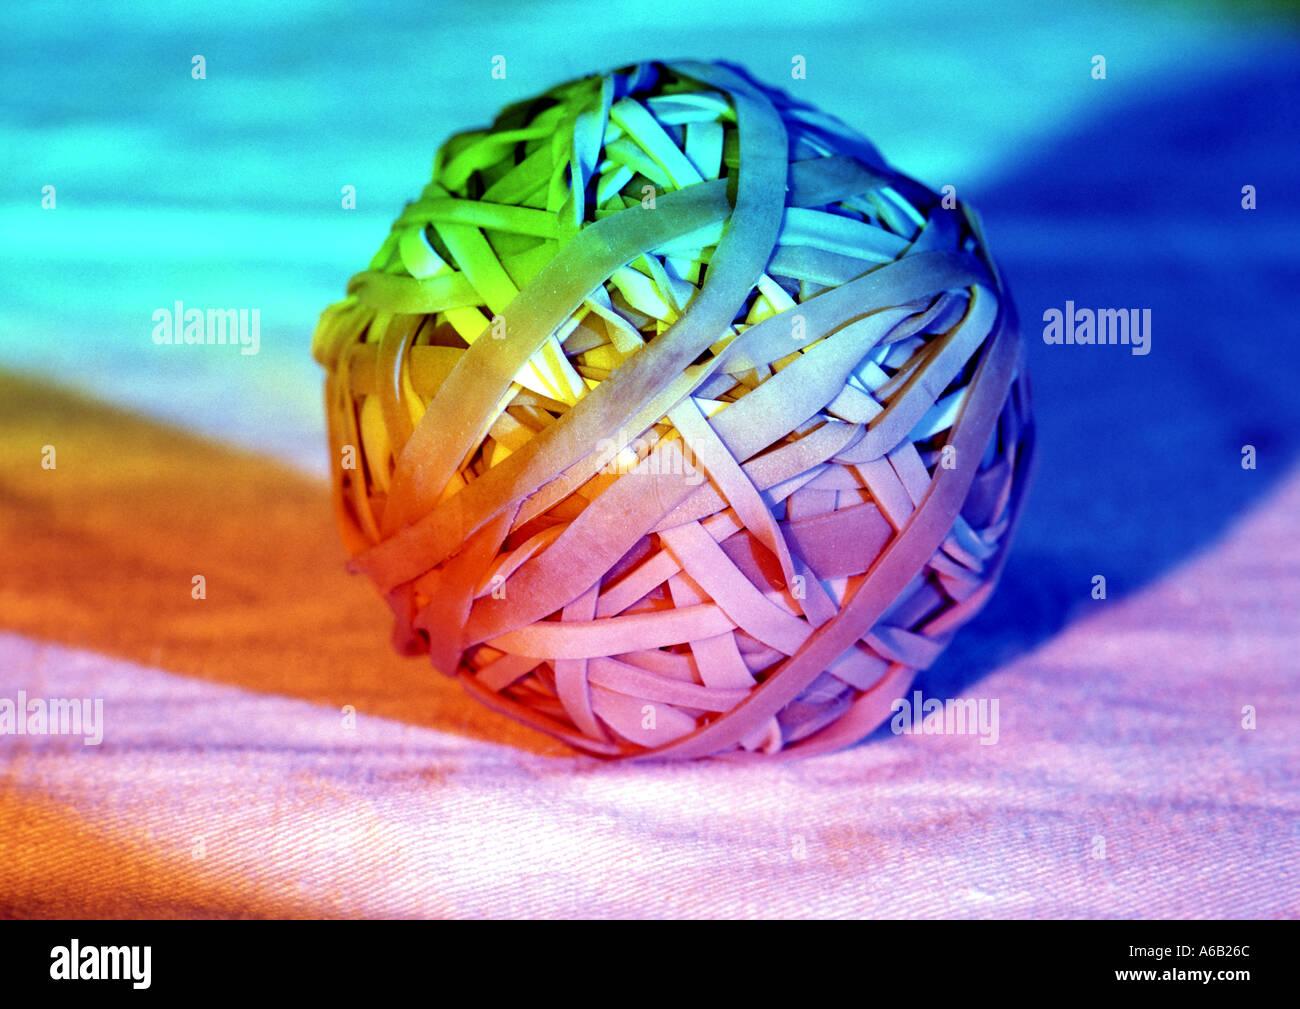 Bunte Foto Balls von elastischen Bändern als Konzept Art Bild z.B. banding zusammen Büro Beziehungen Vorstellungskraft etc. Stockbild